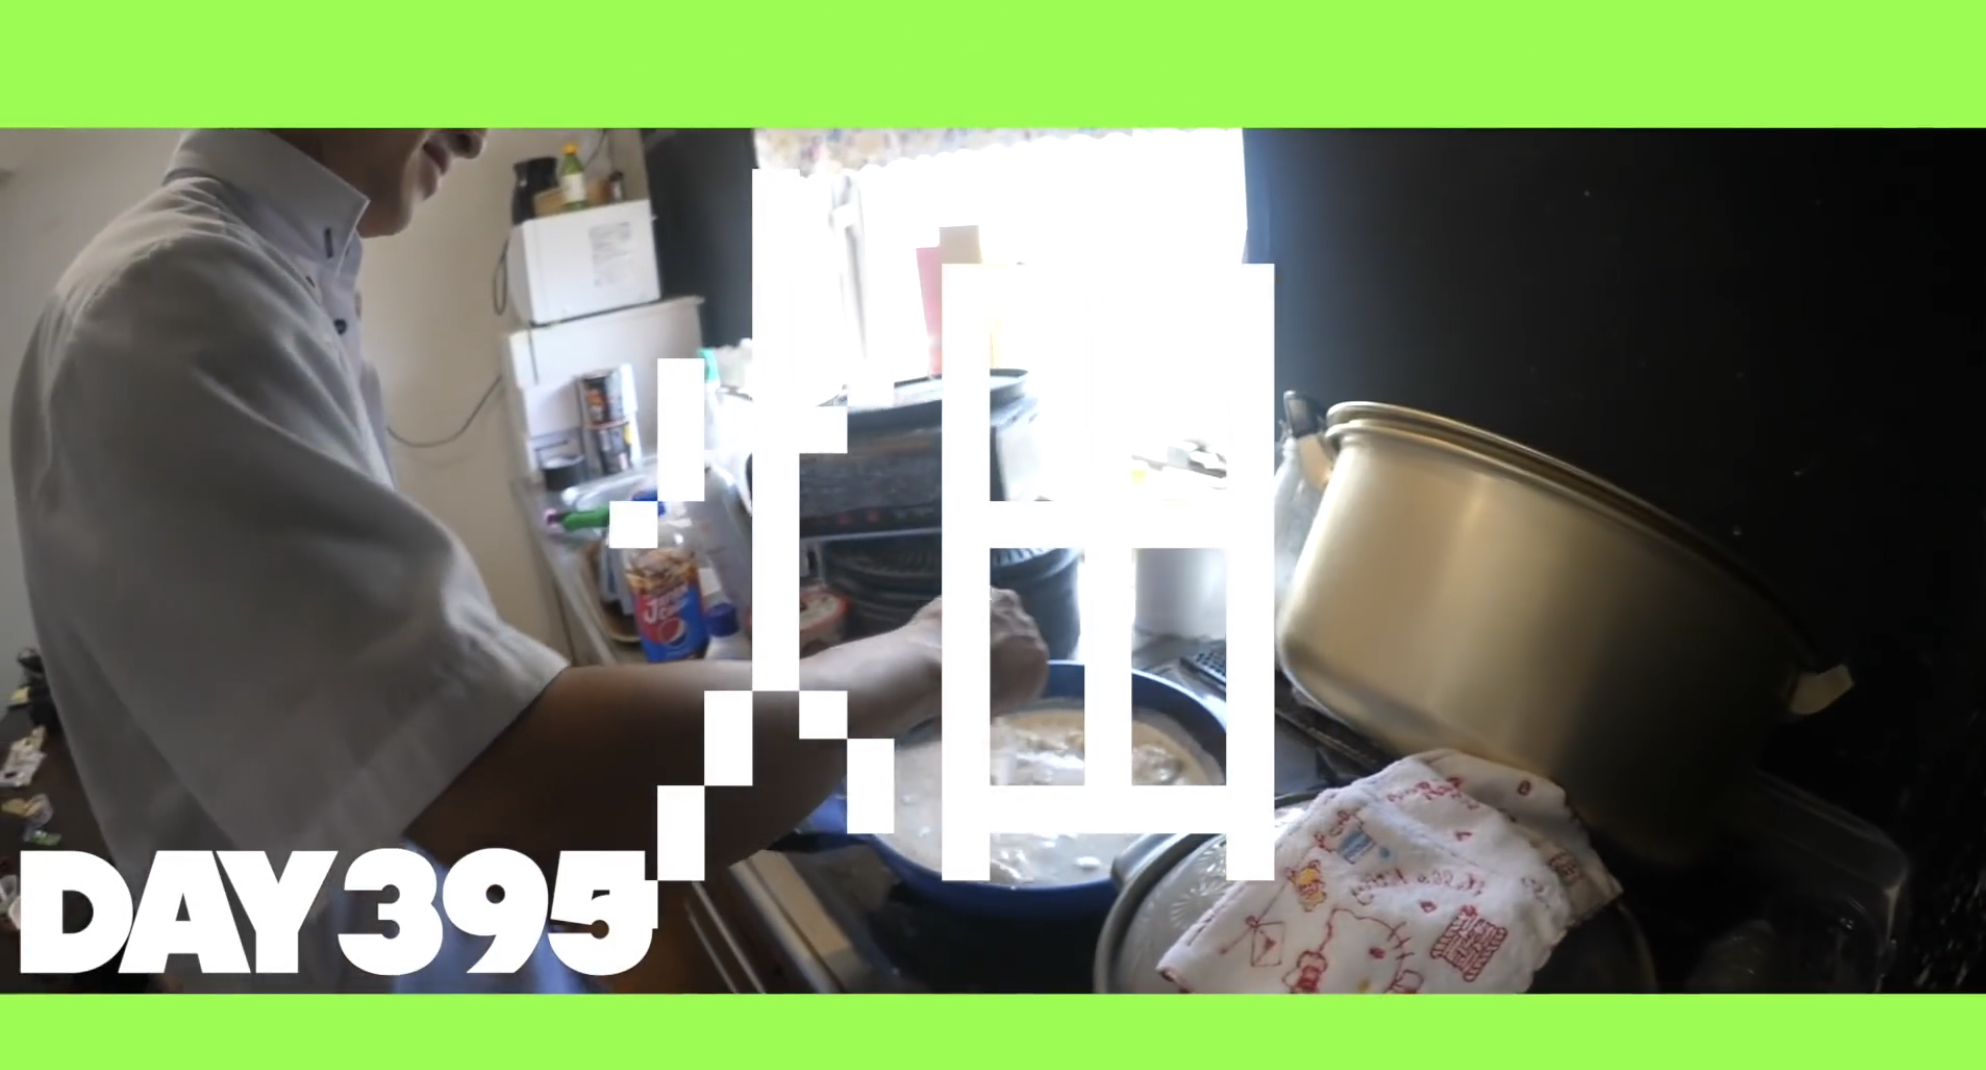 DAY 395【夢】令和でもまだ道に工口本は落ちているのか!?!?探せえ!!- 2019年8月15日(木)